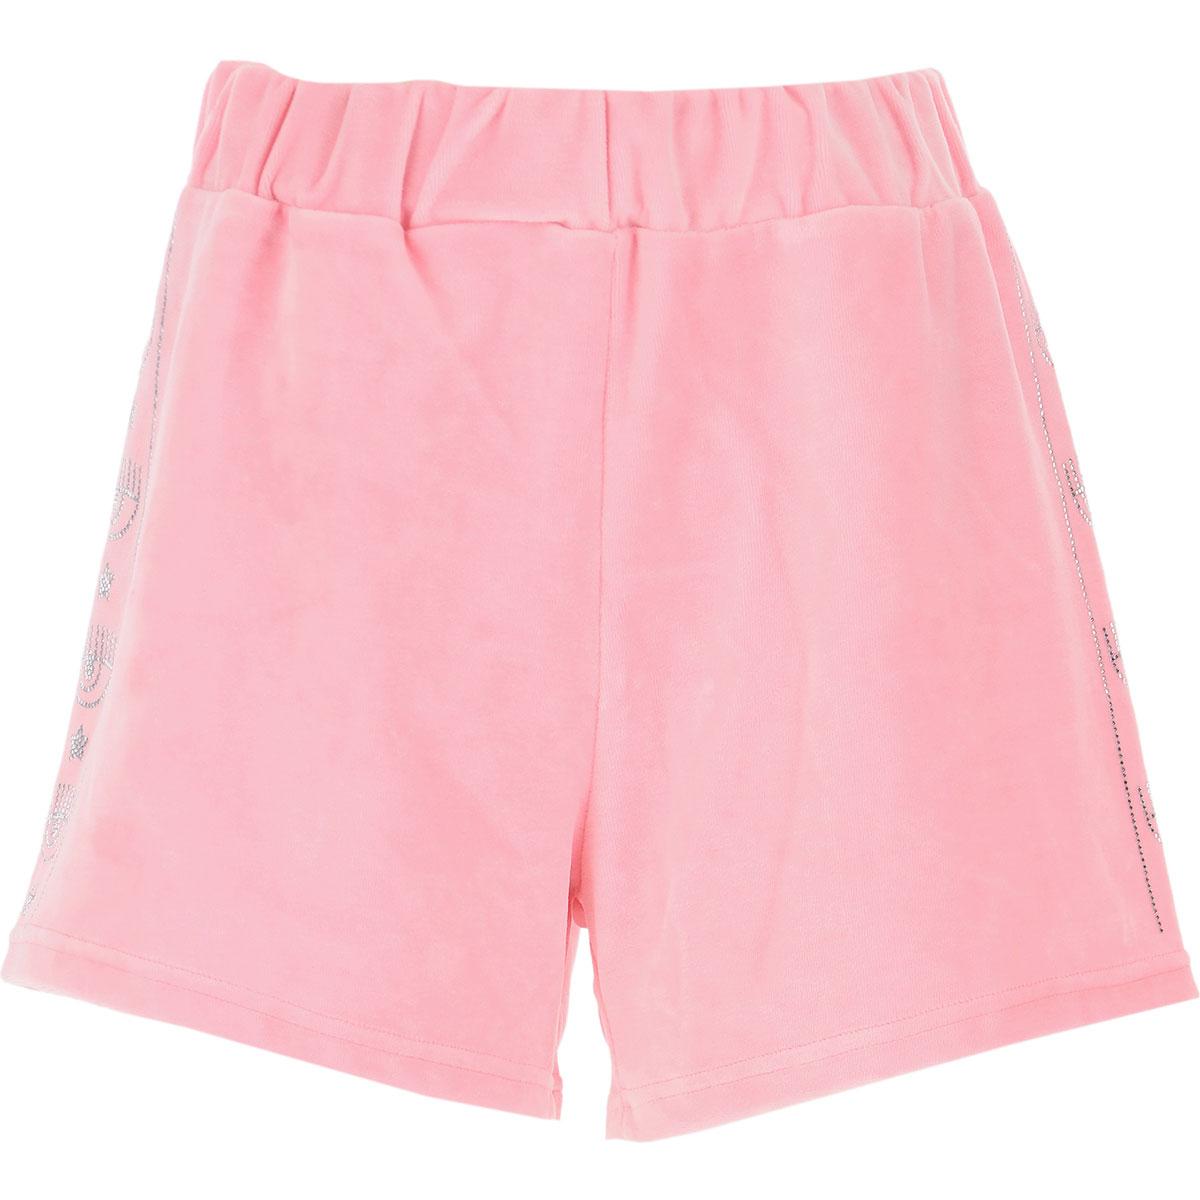 Chiara Ferragni Shorts for Women On Sale, Pink, Cotton, 2019, S (IT 40) M (IT 42 ) L (IT 44 ) XS (IT 38)